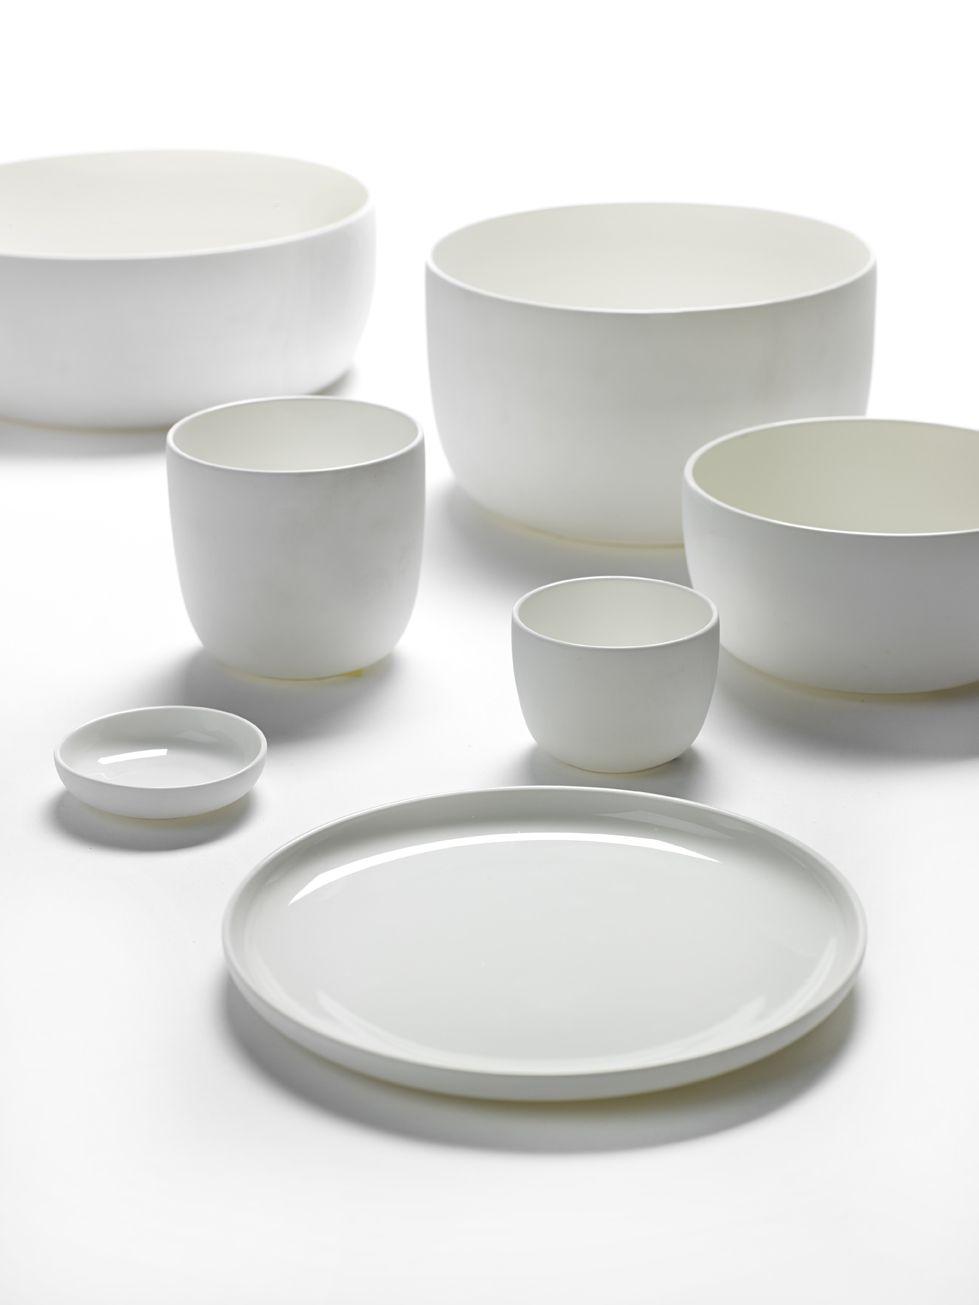 Pin By Megan Villa On Aaaaaaaa In 2020 White Tableware Porcelain Tableware Tableware